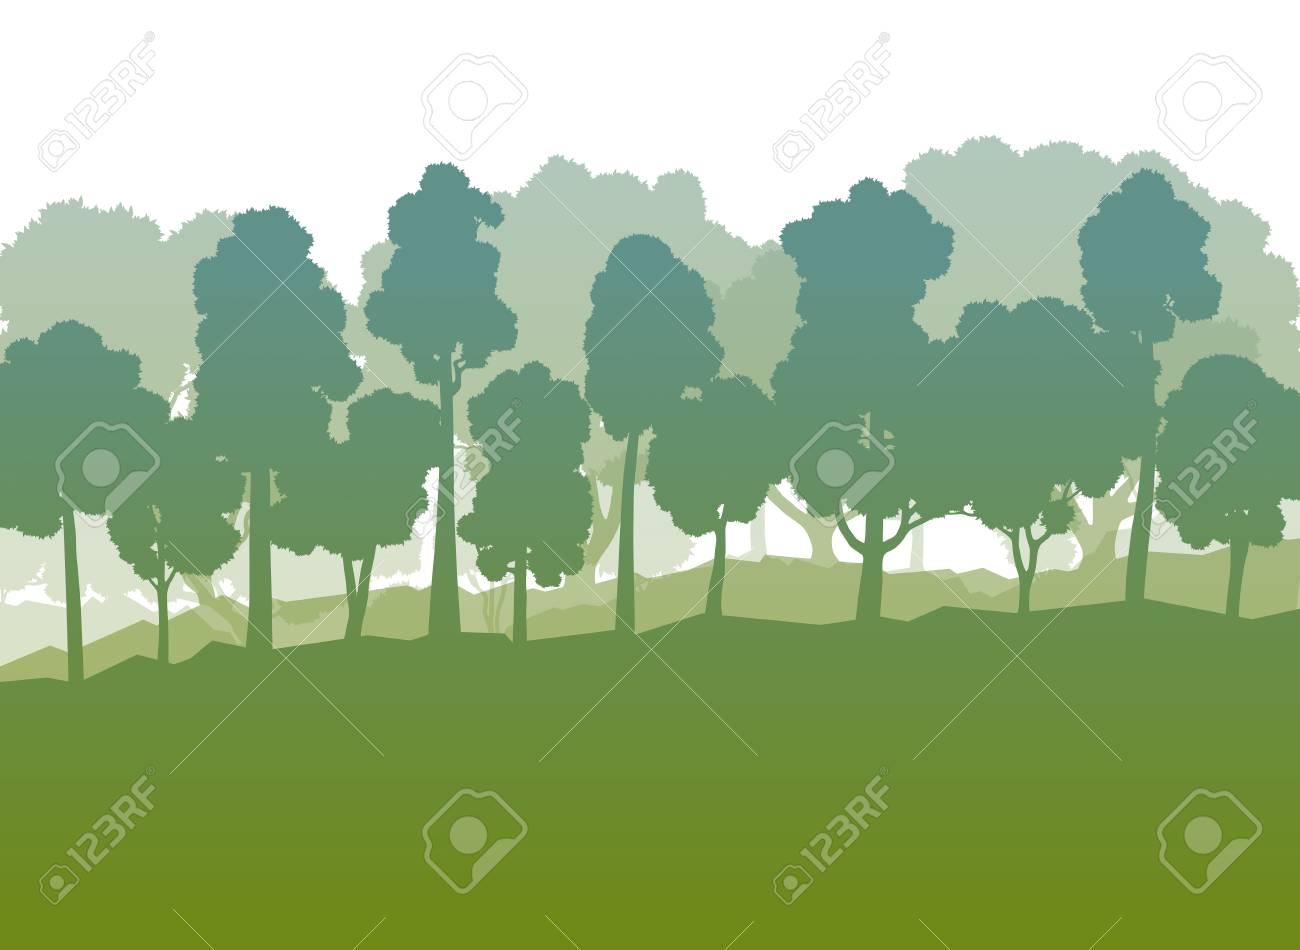 Los árboles Forestales Vector Resumen De Antecedentes Paisaje ...